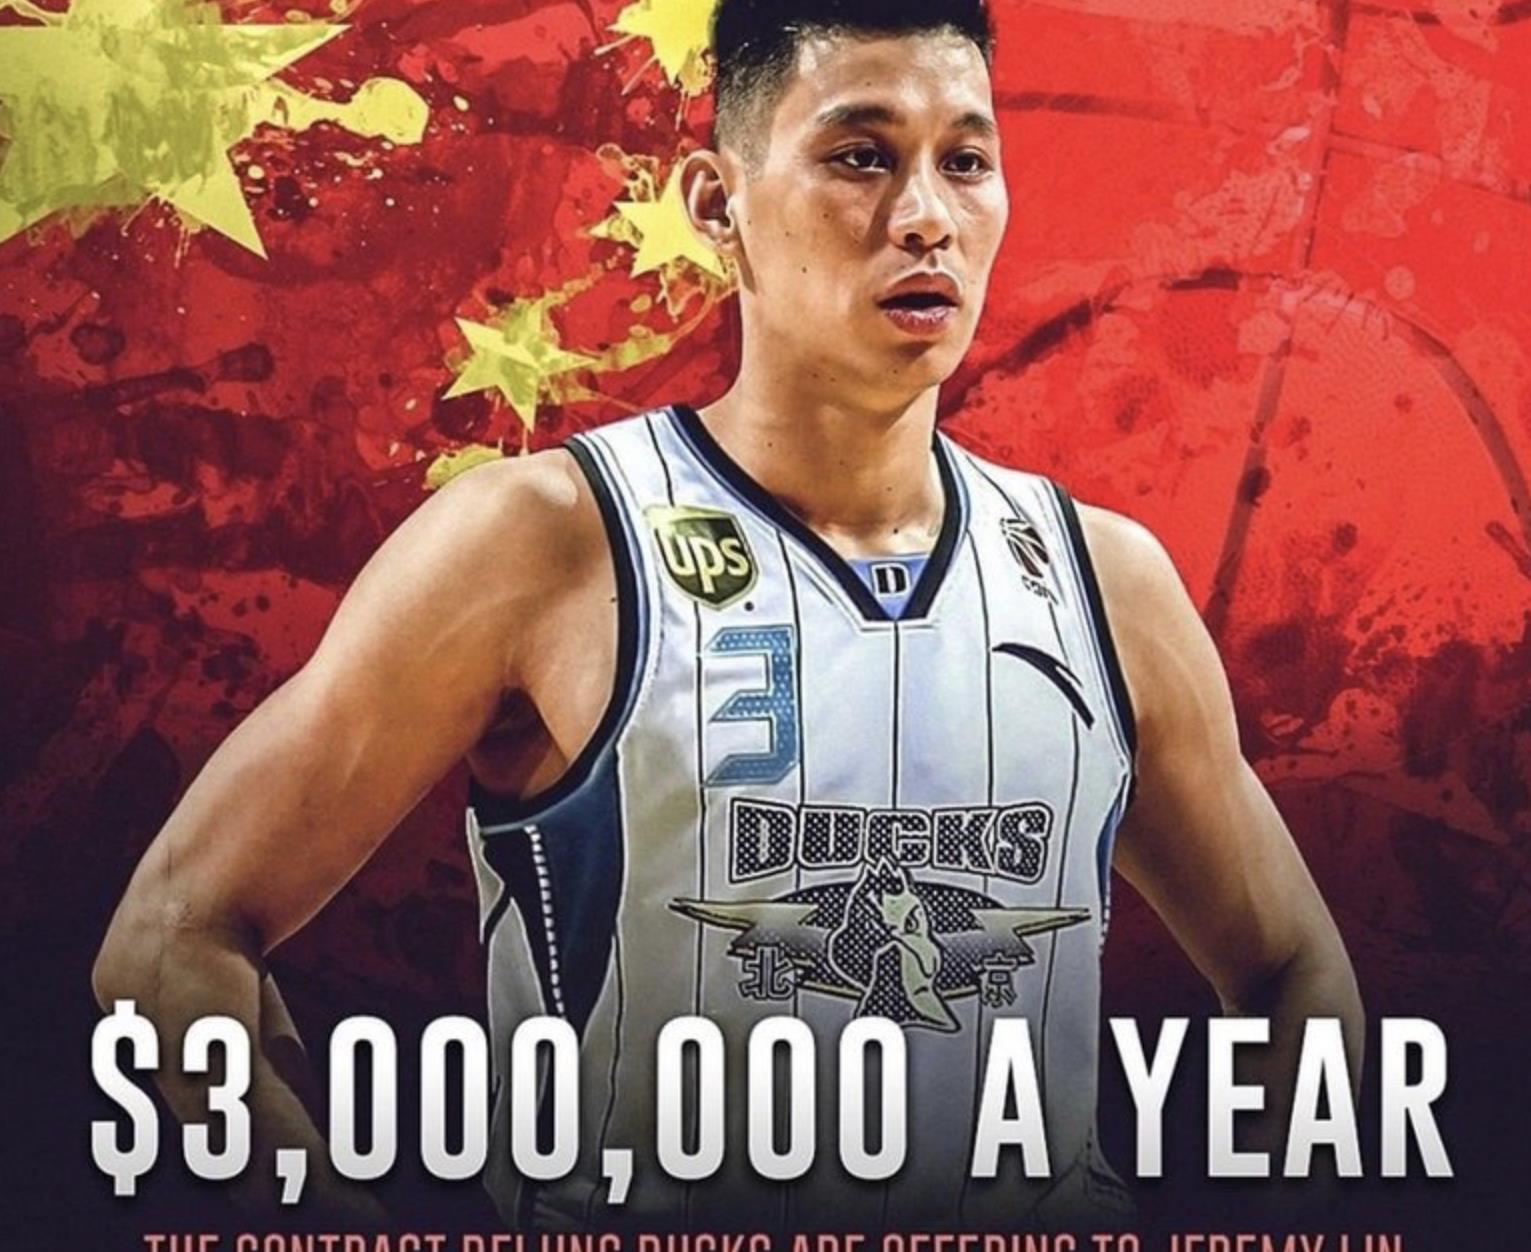 爆300万加盟北京72小时后,林书豪发文引热议,球迷开始数日子了